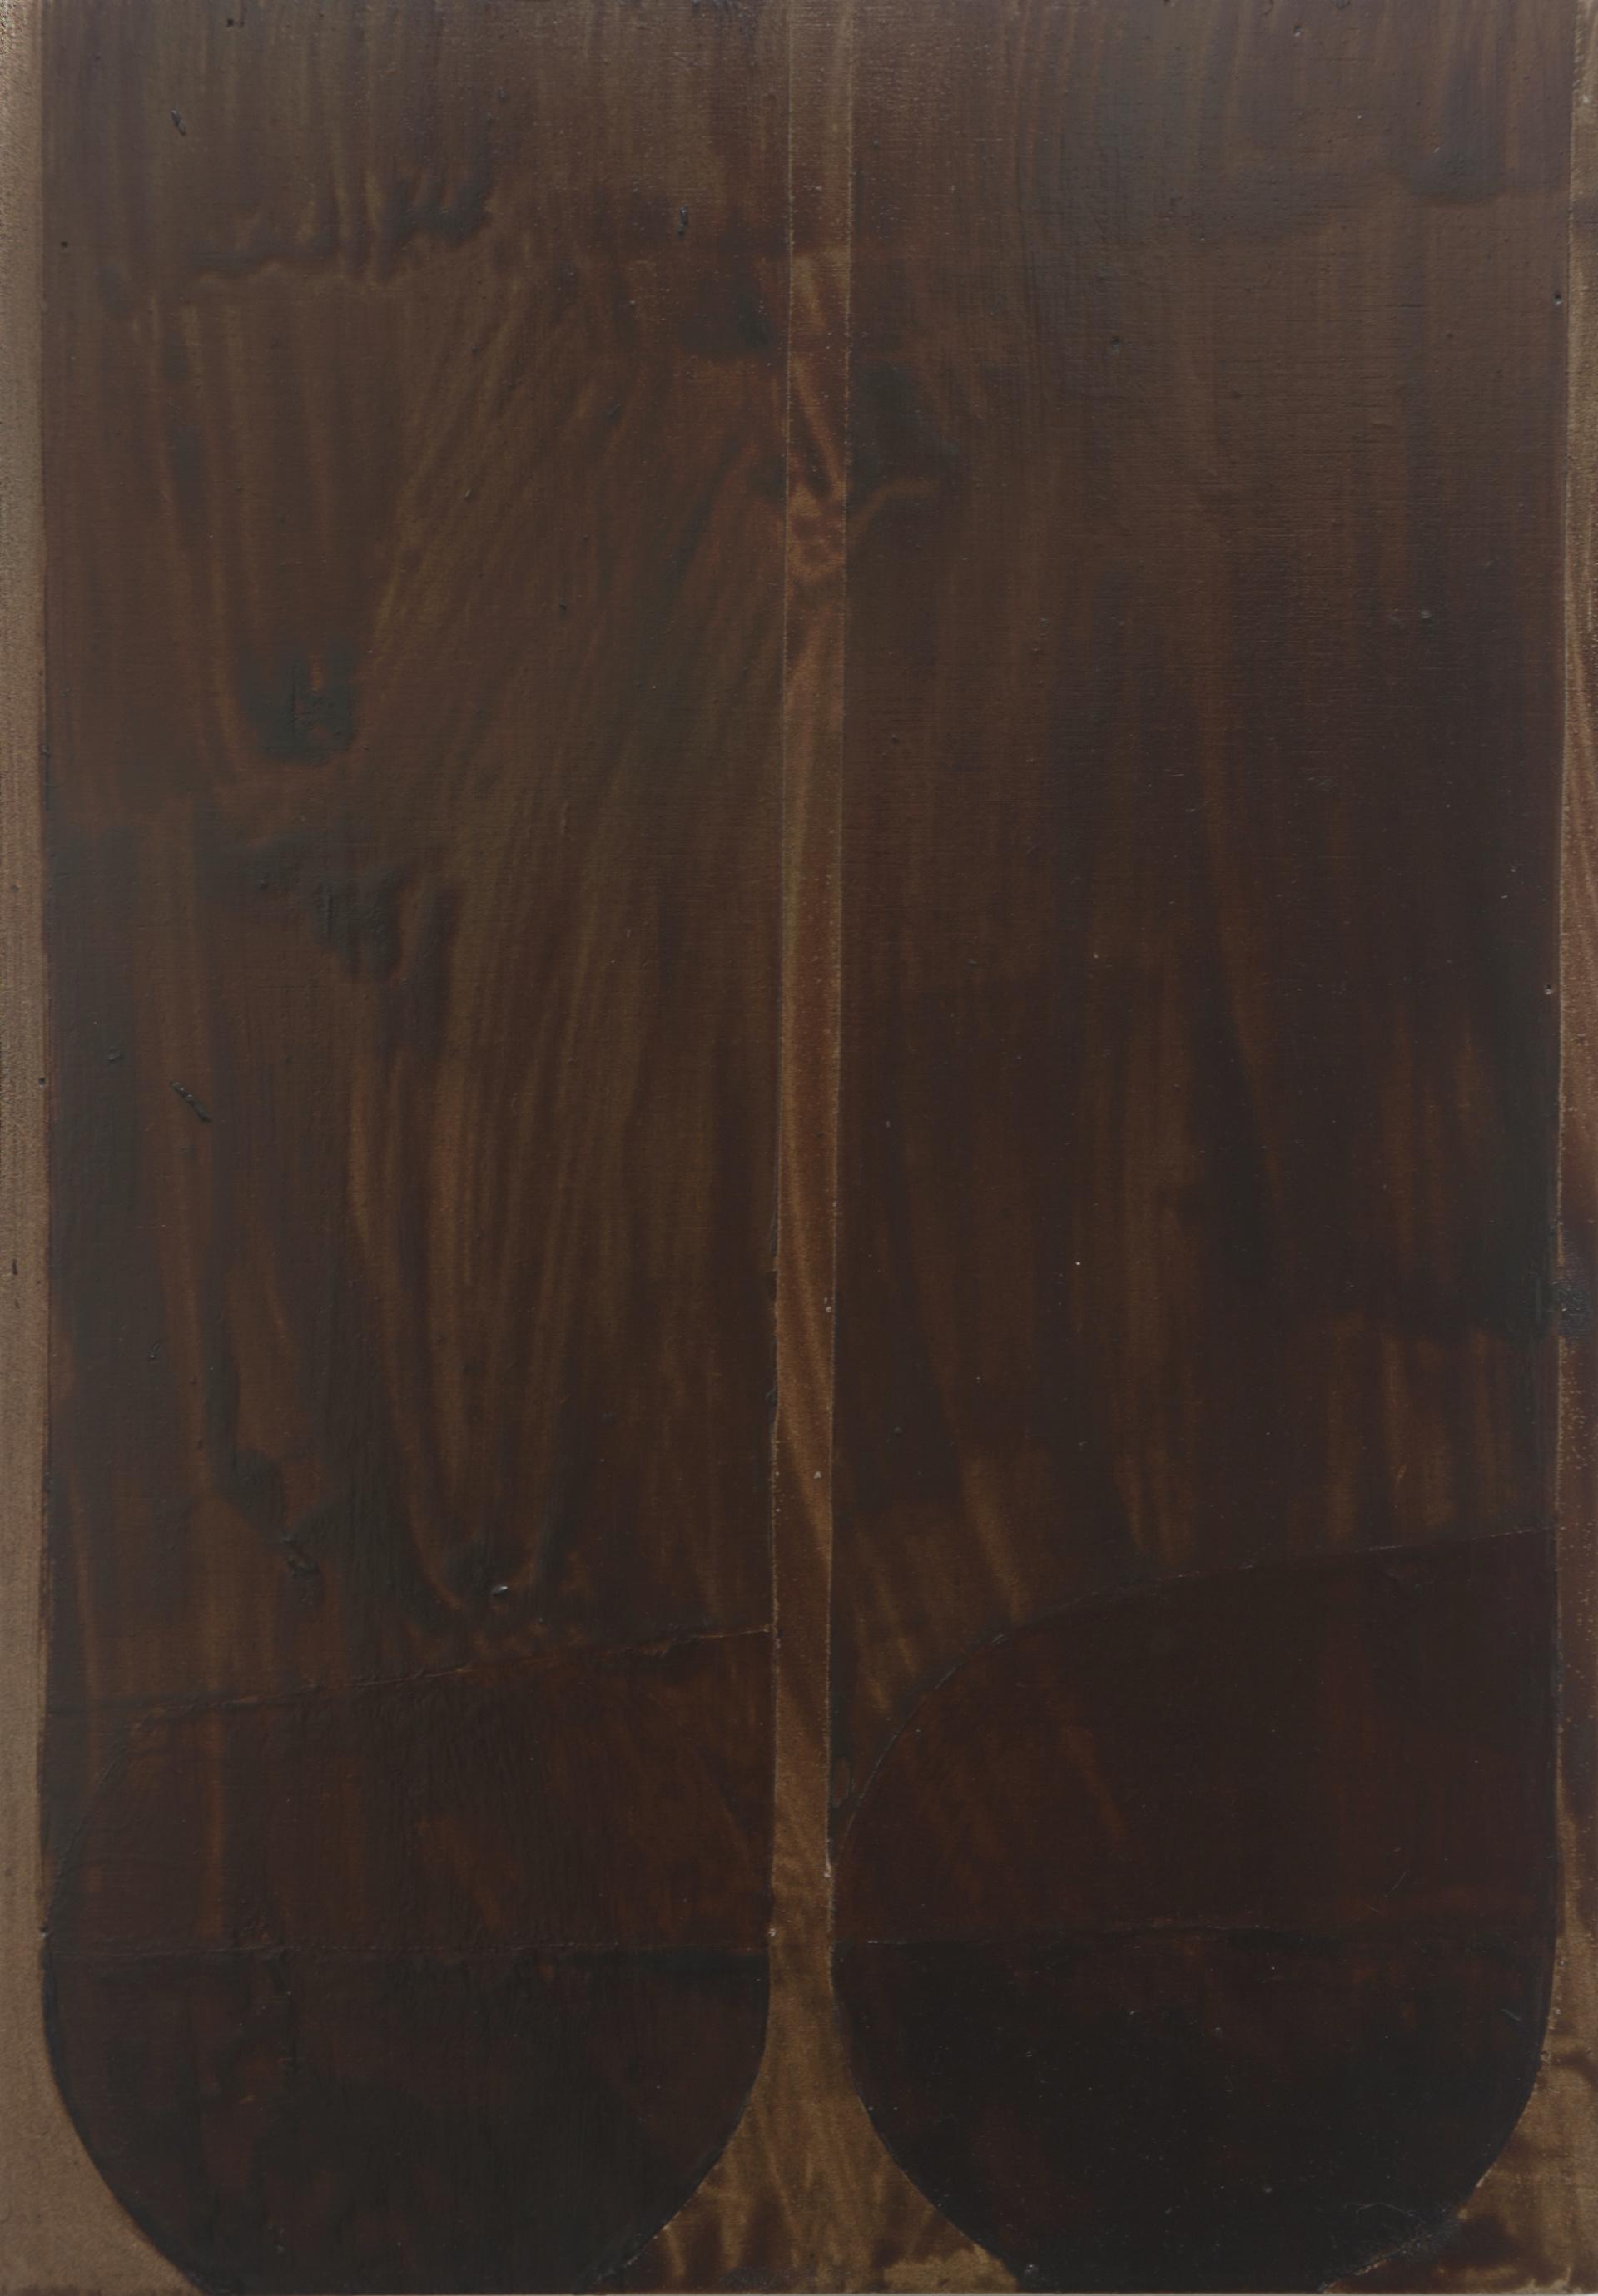 Sin título (barnices XI). 2019. 21x30cm. Barniz sobre madera